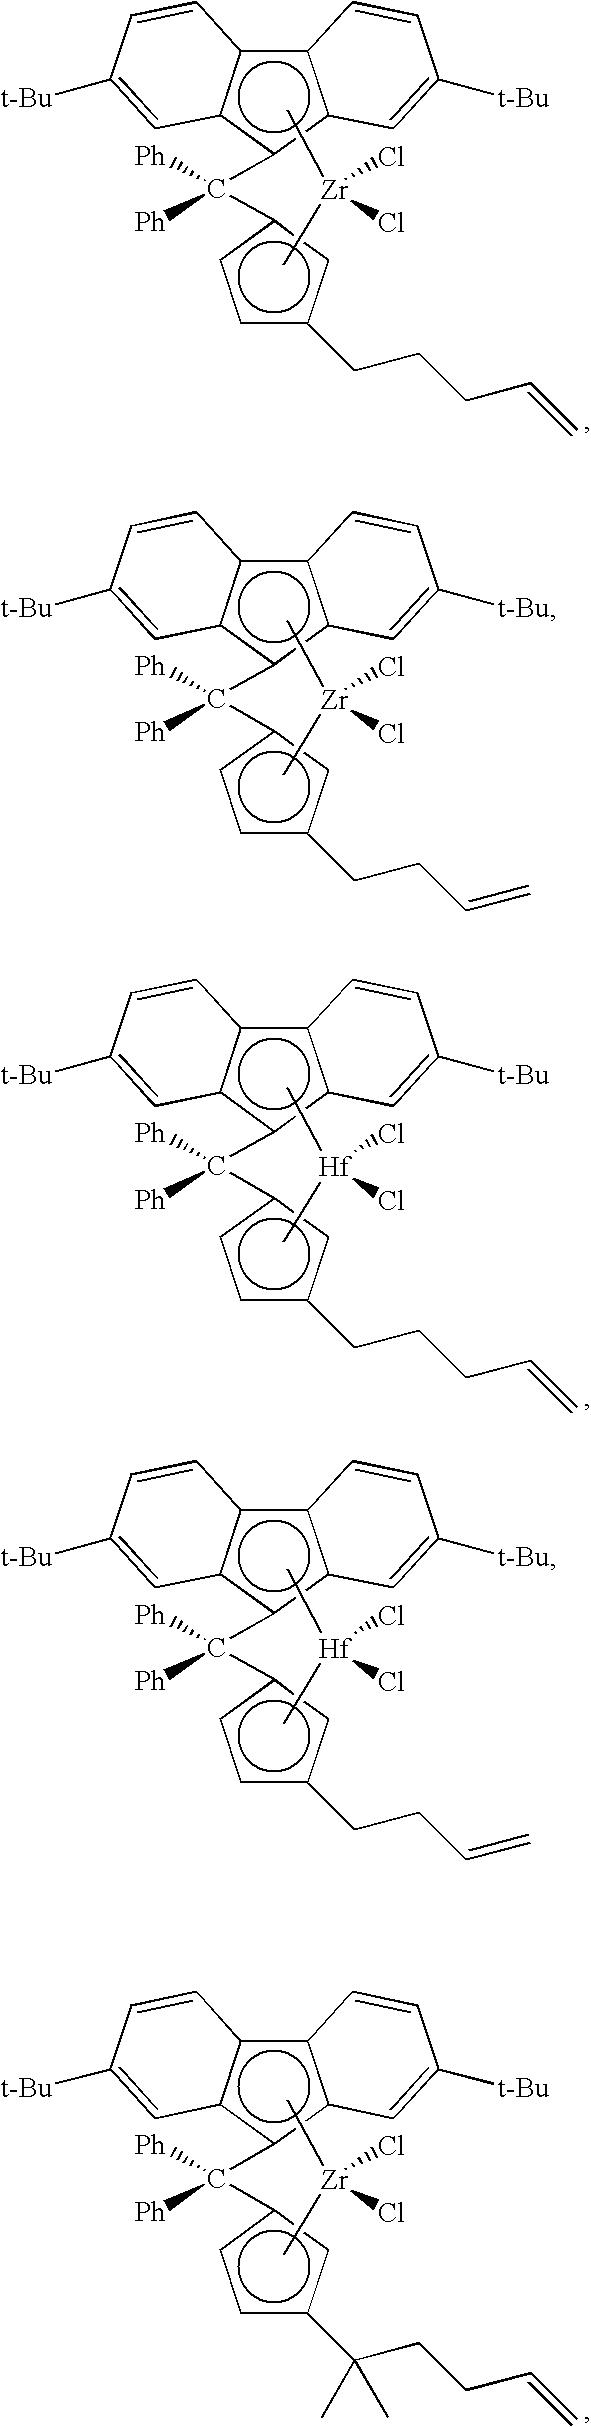 Figure US07517939-20090414-C00009